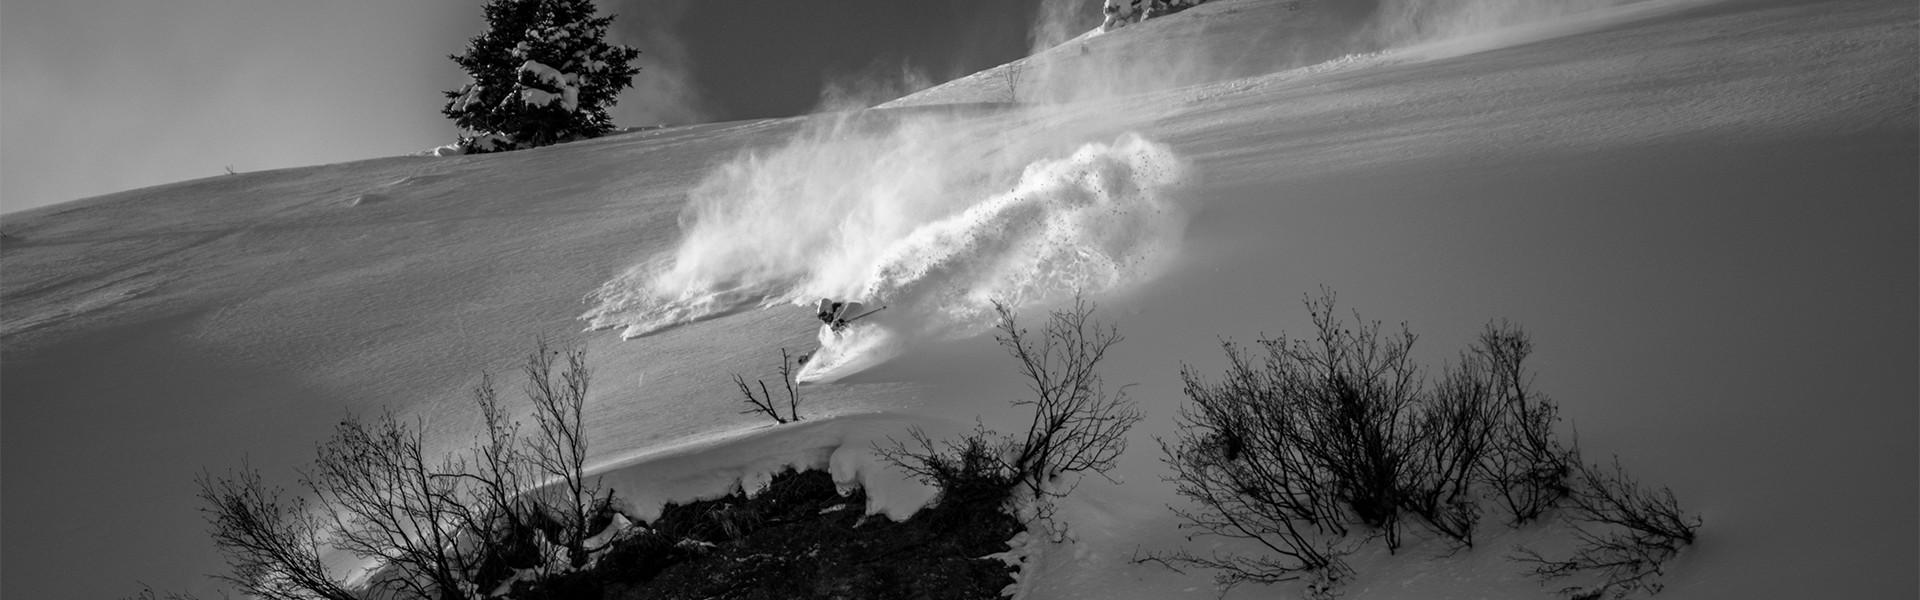 Skilehrer beim Skifahren mit staubenden Pulverschnee und Schneekristalle im Tiefschnee.